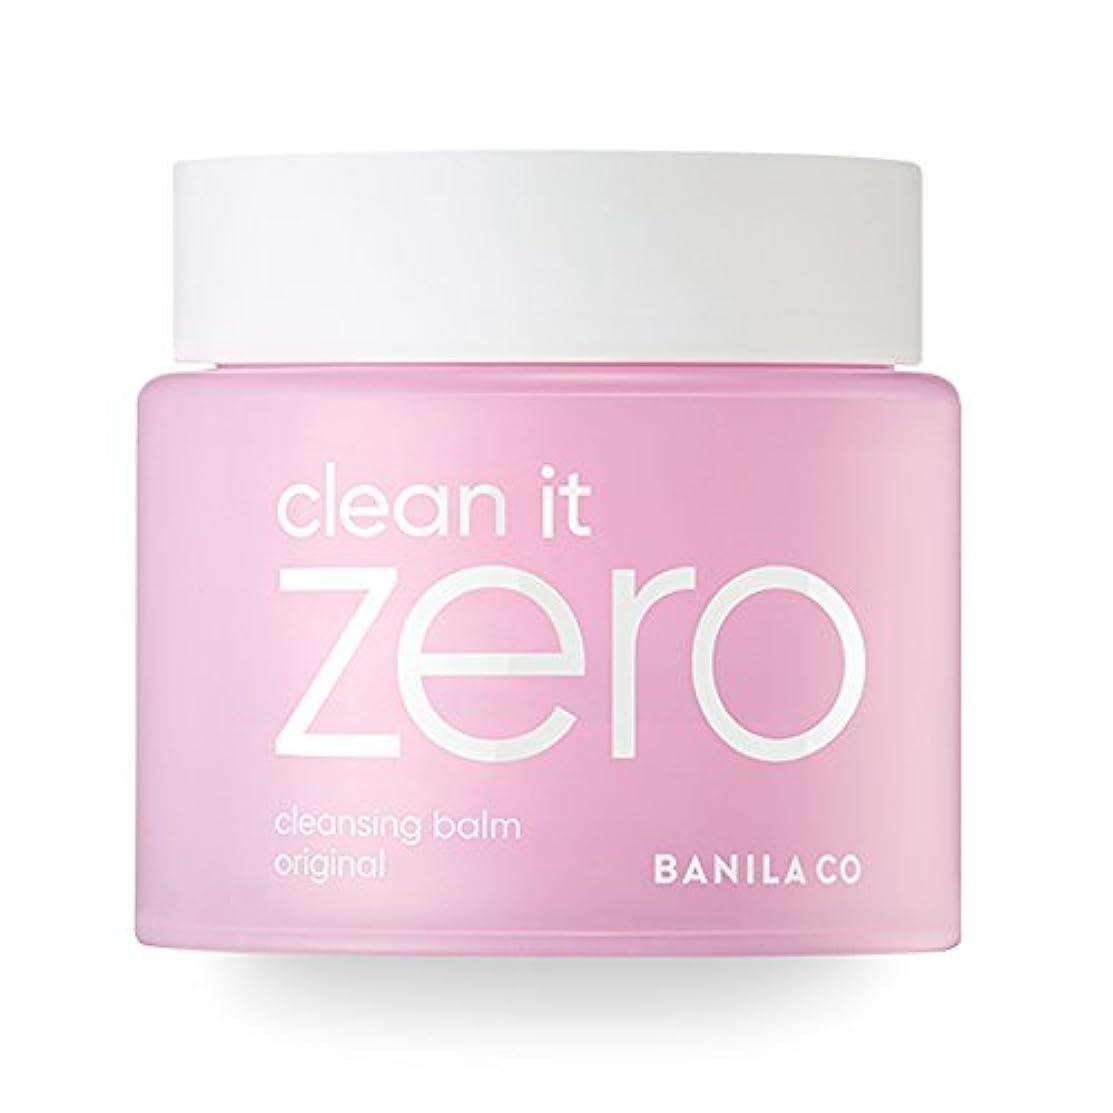 彼のびっくりしたローンBANILA CO(バニラコ)公式ストア  バニラコ クリーン イット ゼロ クレンジング バーム オリジナル / Clean It Zero Cleansing Balm Original 180ml